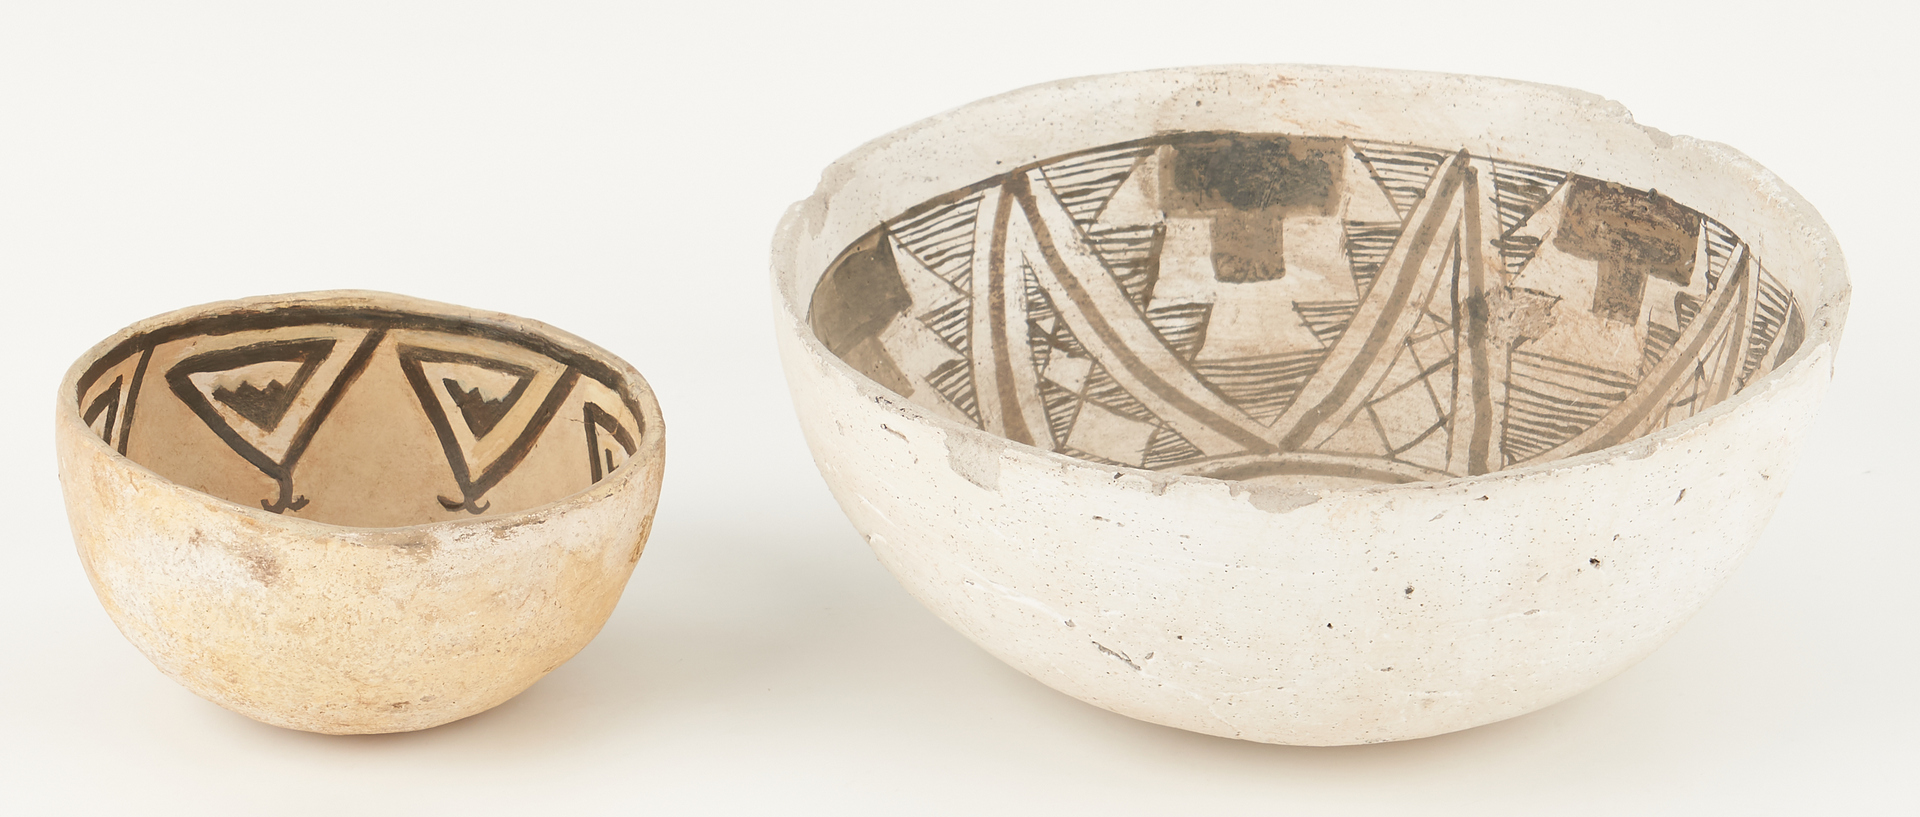 Lot 1114: 2 Native American Anasazi Chaco Canyon Bowls